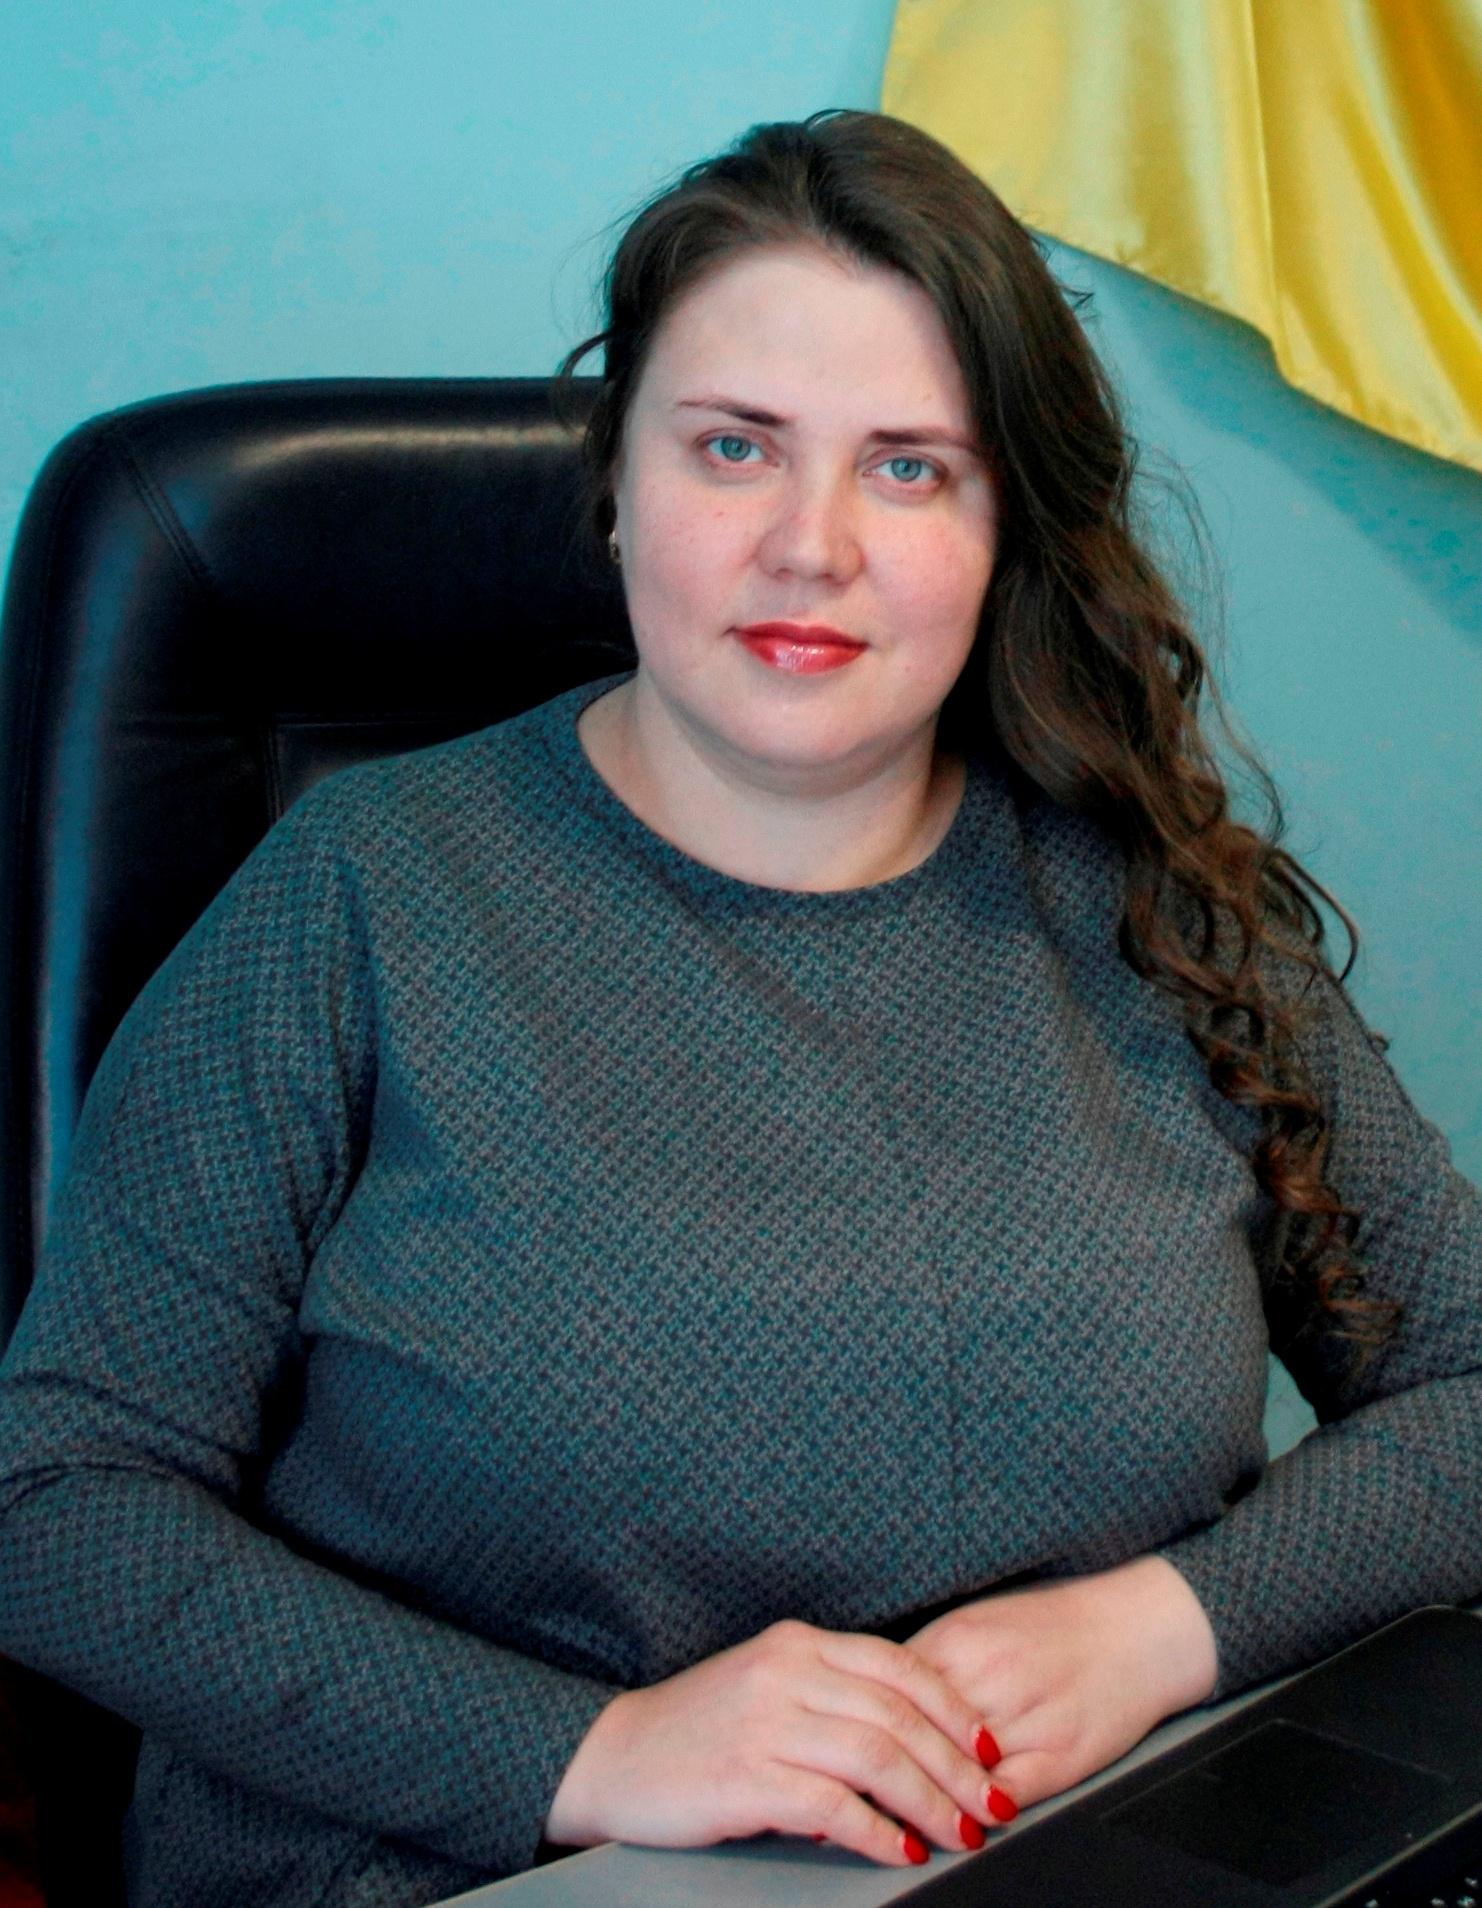 Чорненька Крістіна Іванівна. Міський голова.